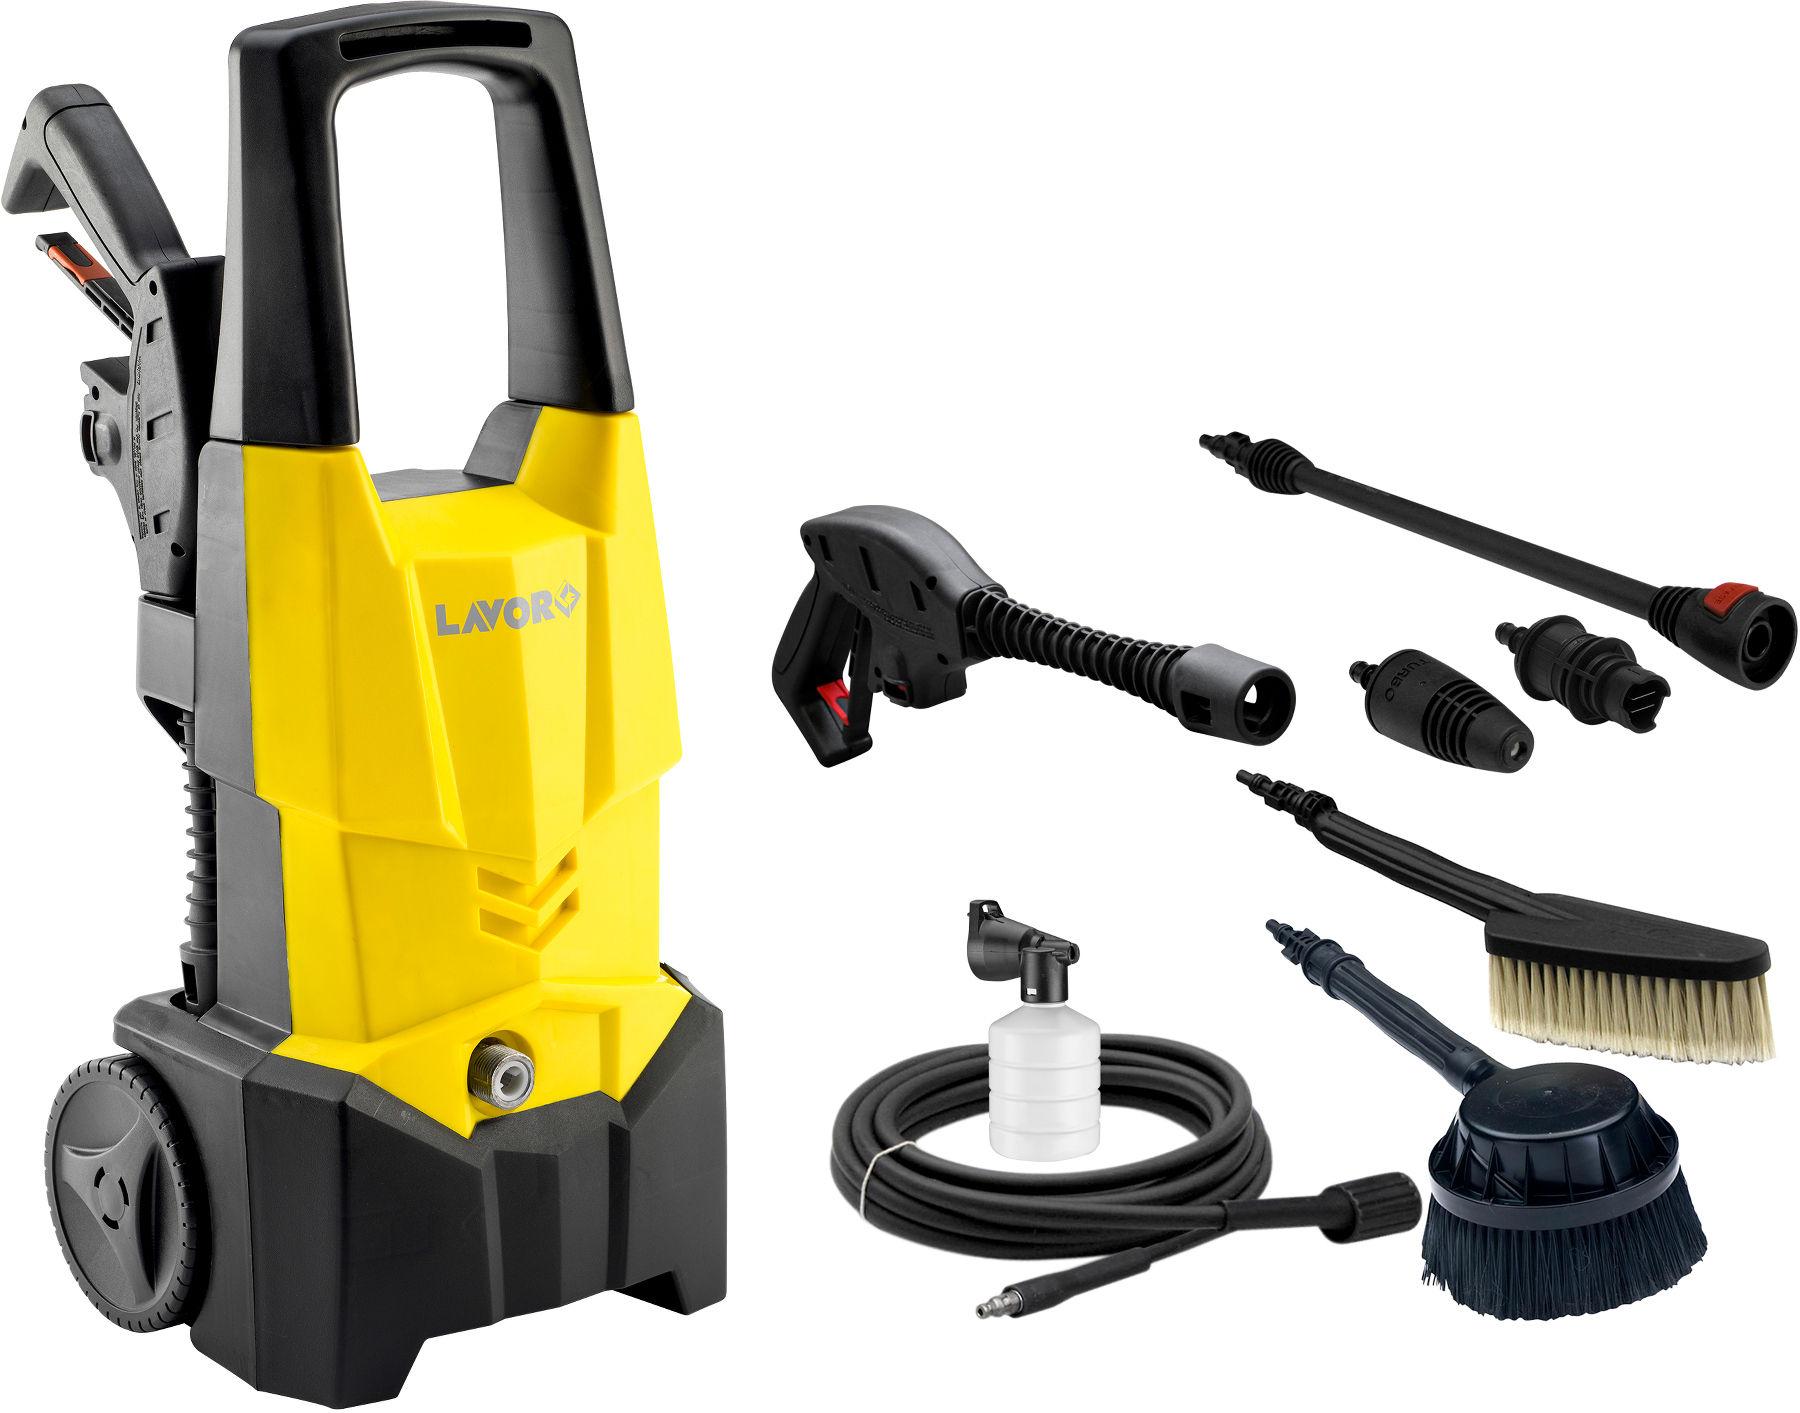 Моющее оборудование высокого давления - Lavor ONE PLUS 130 Мойка высокого давления